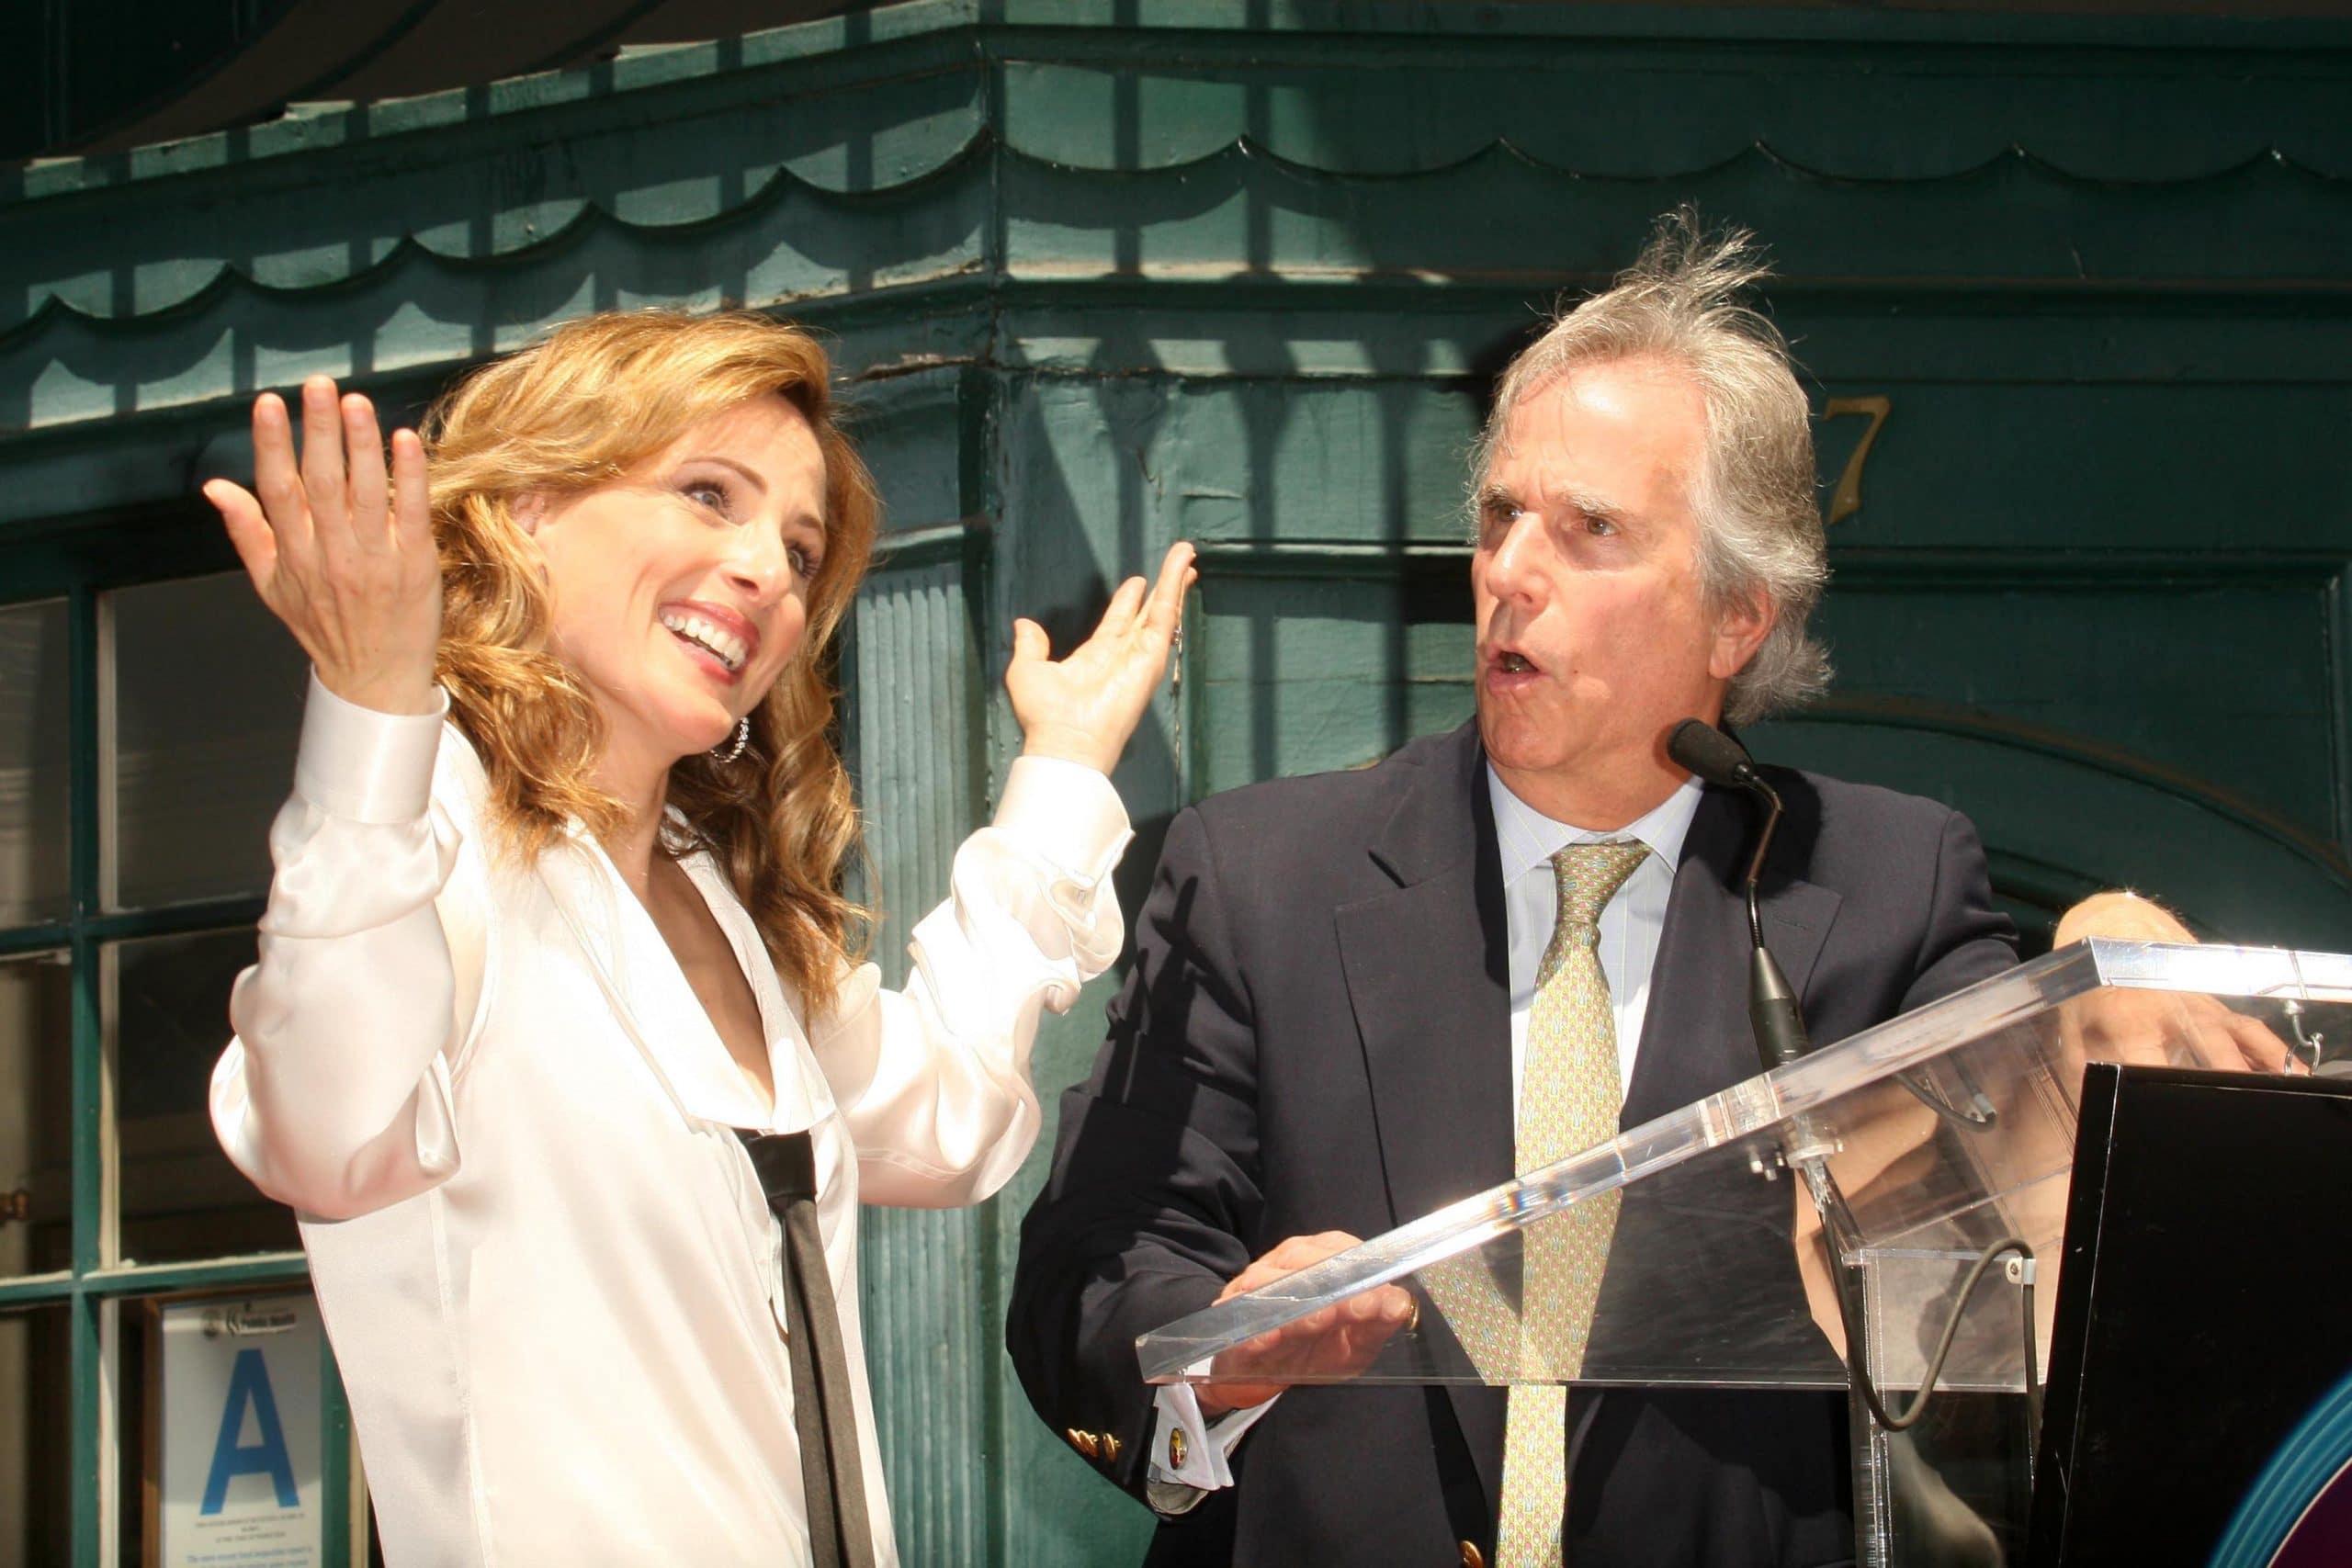 Marlee Matlin and Henry Winkler at the Walk of Fame Ceremony Honoring Marlee Matlin